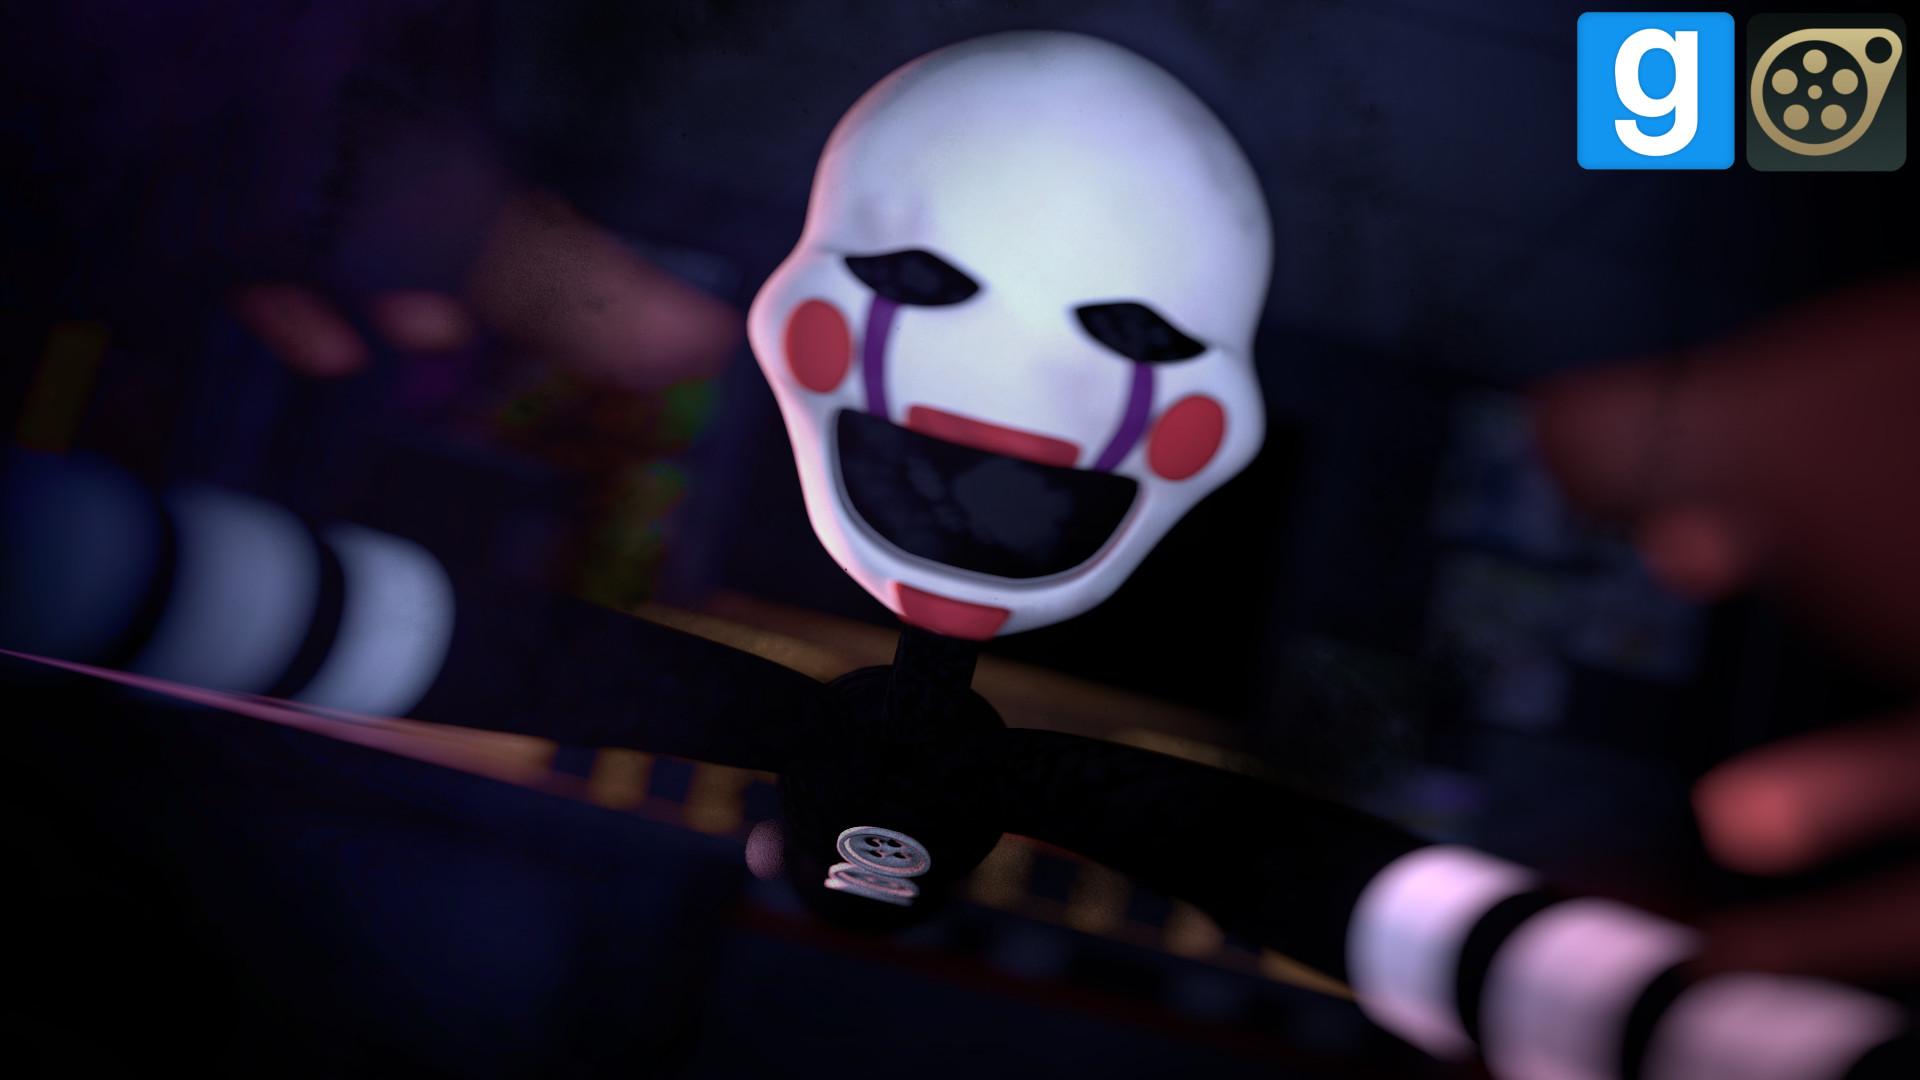 FNAF 2 – Puppet Master [DL] by WhiteSkyPony on DeviantArt